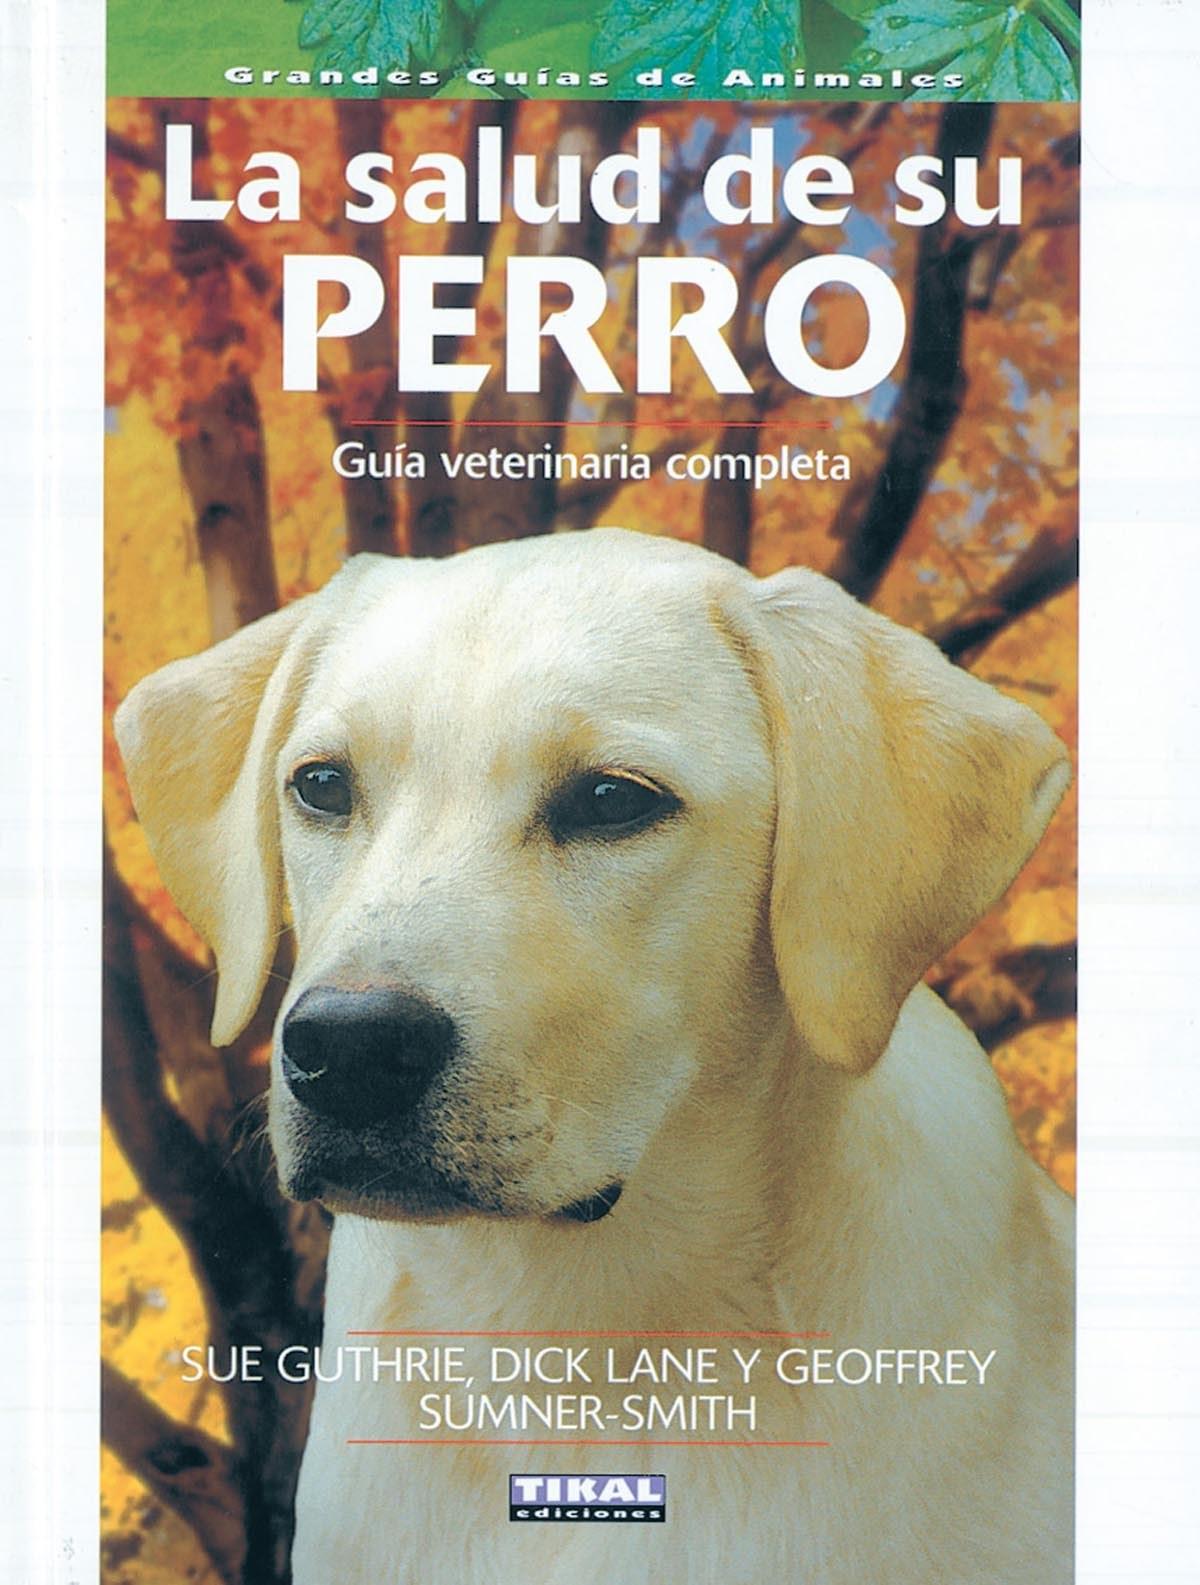 La salud de su perro, guía veterinaria completa 9788430553471